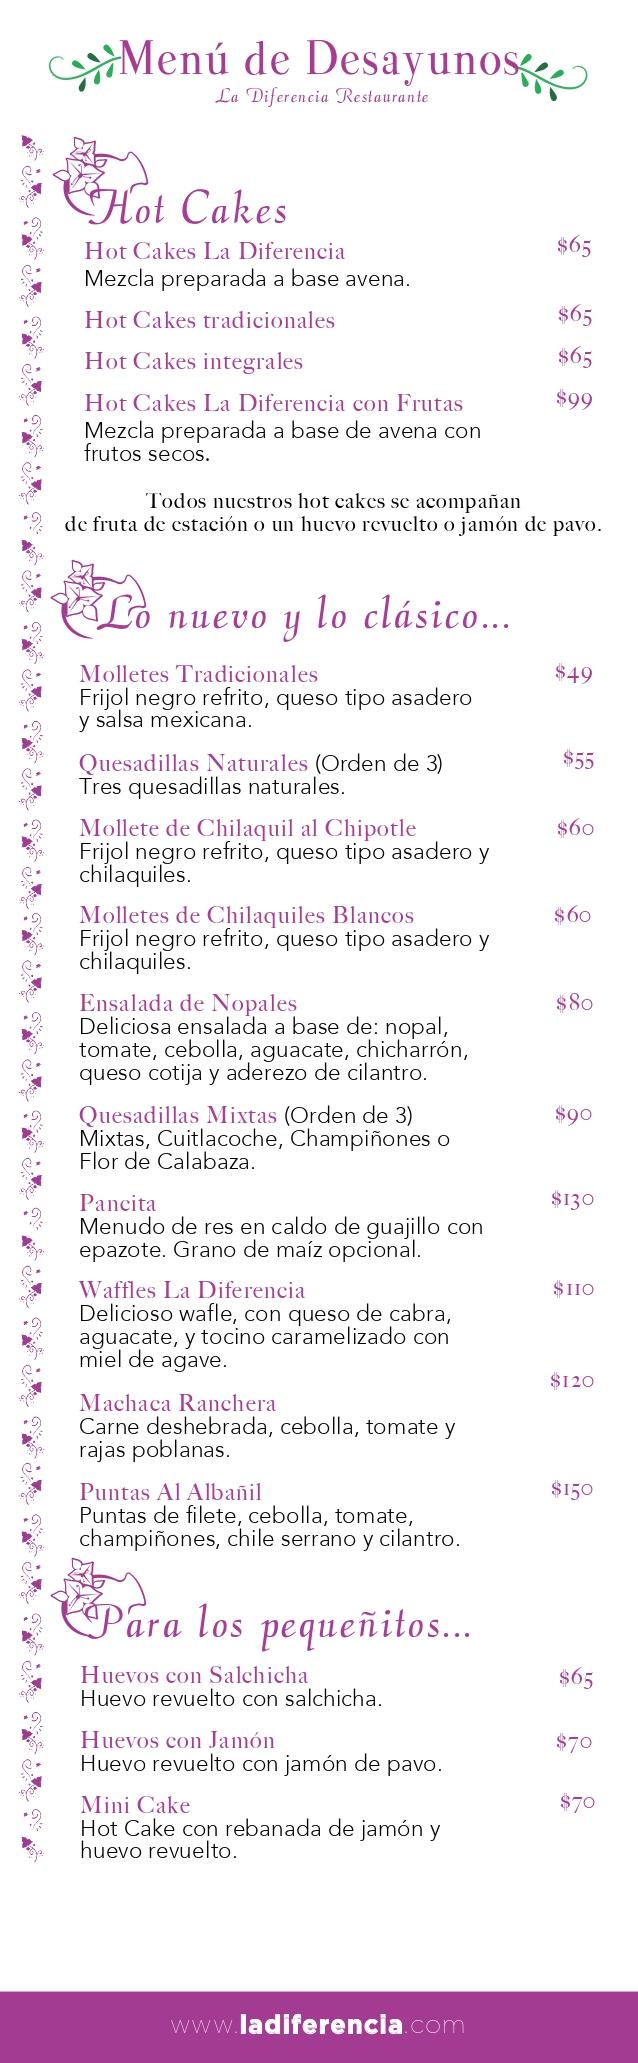 Menú-desayunos_La-Diferencia_2020_pages-to-jpg-0003